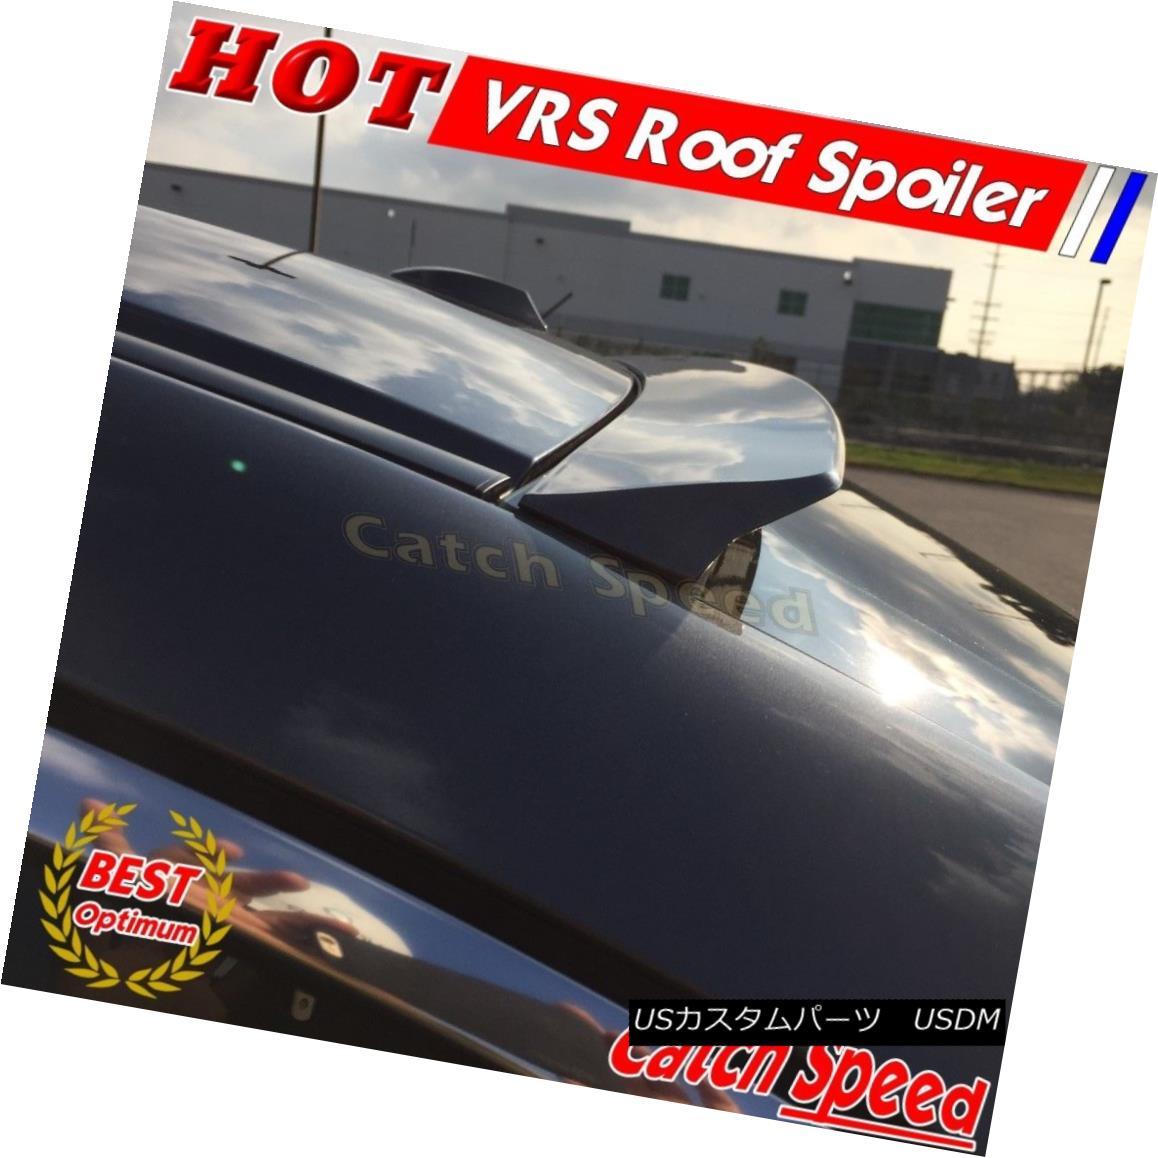 エアロパーツ Painted VRS Type Rear Roof Spoiler Wing For Toyota Belta Yaris Sedan 2006-2010 トヨタBelta Yarisセダン2006年 - 2010年塗装VRSタイプリアルーフスポイラーウイング